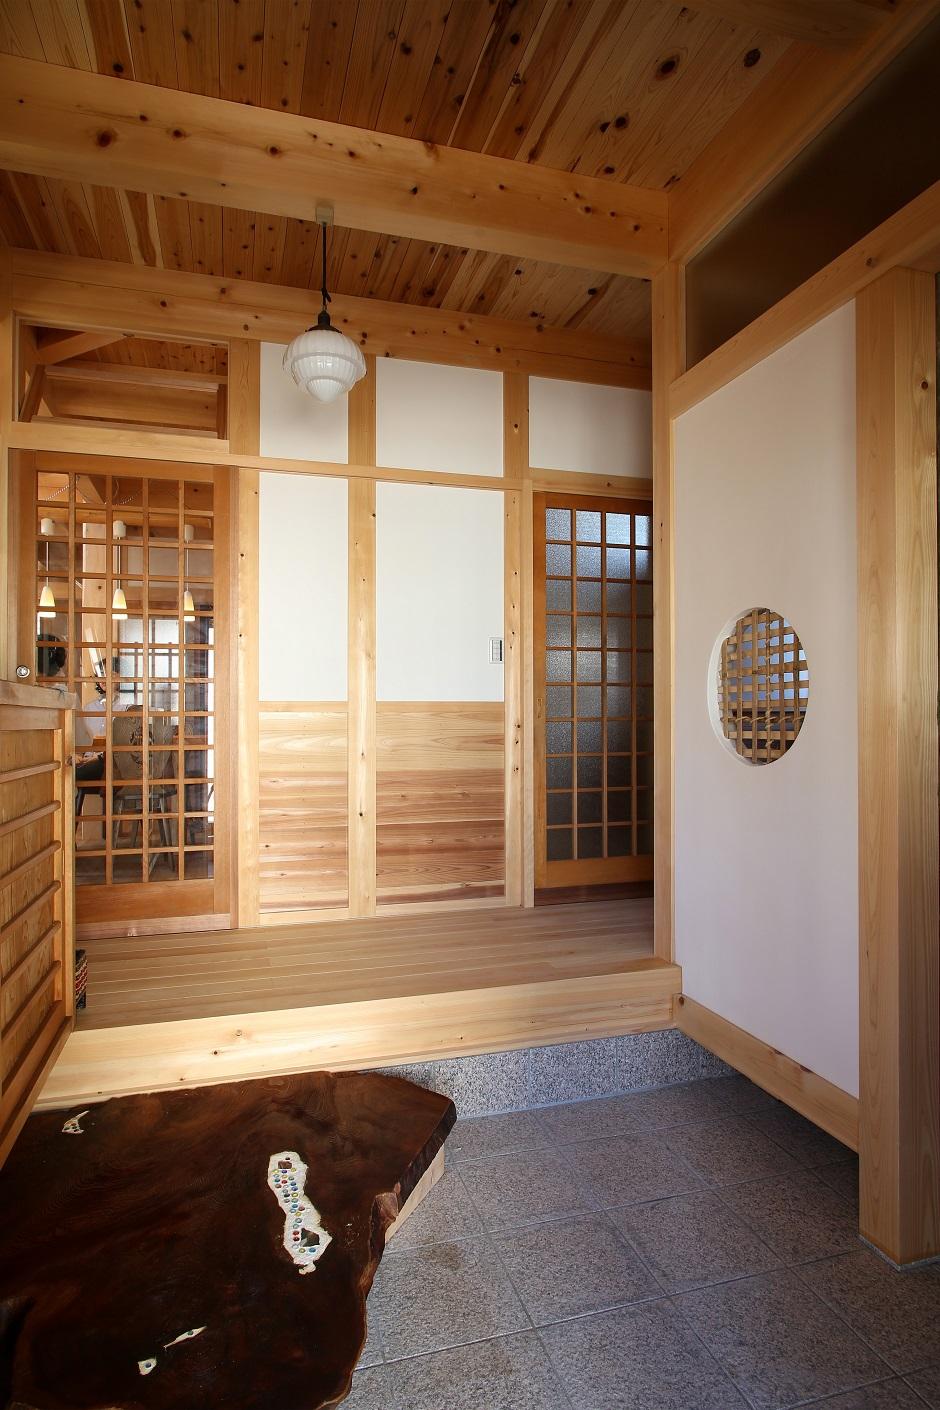 ほるくす【和風、自然素材、ペット】玄関の収納スペースには茶室を思わす下地窓を配し、柔らかな光を取り入れている。扉を開けば、ヒノキの香りがふわり。